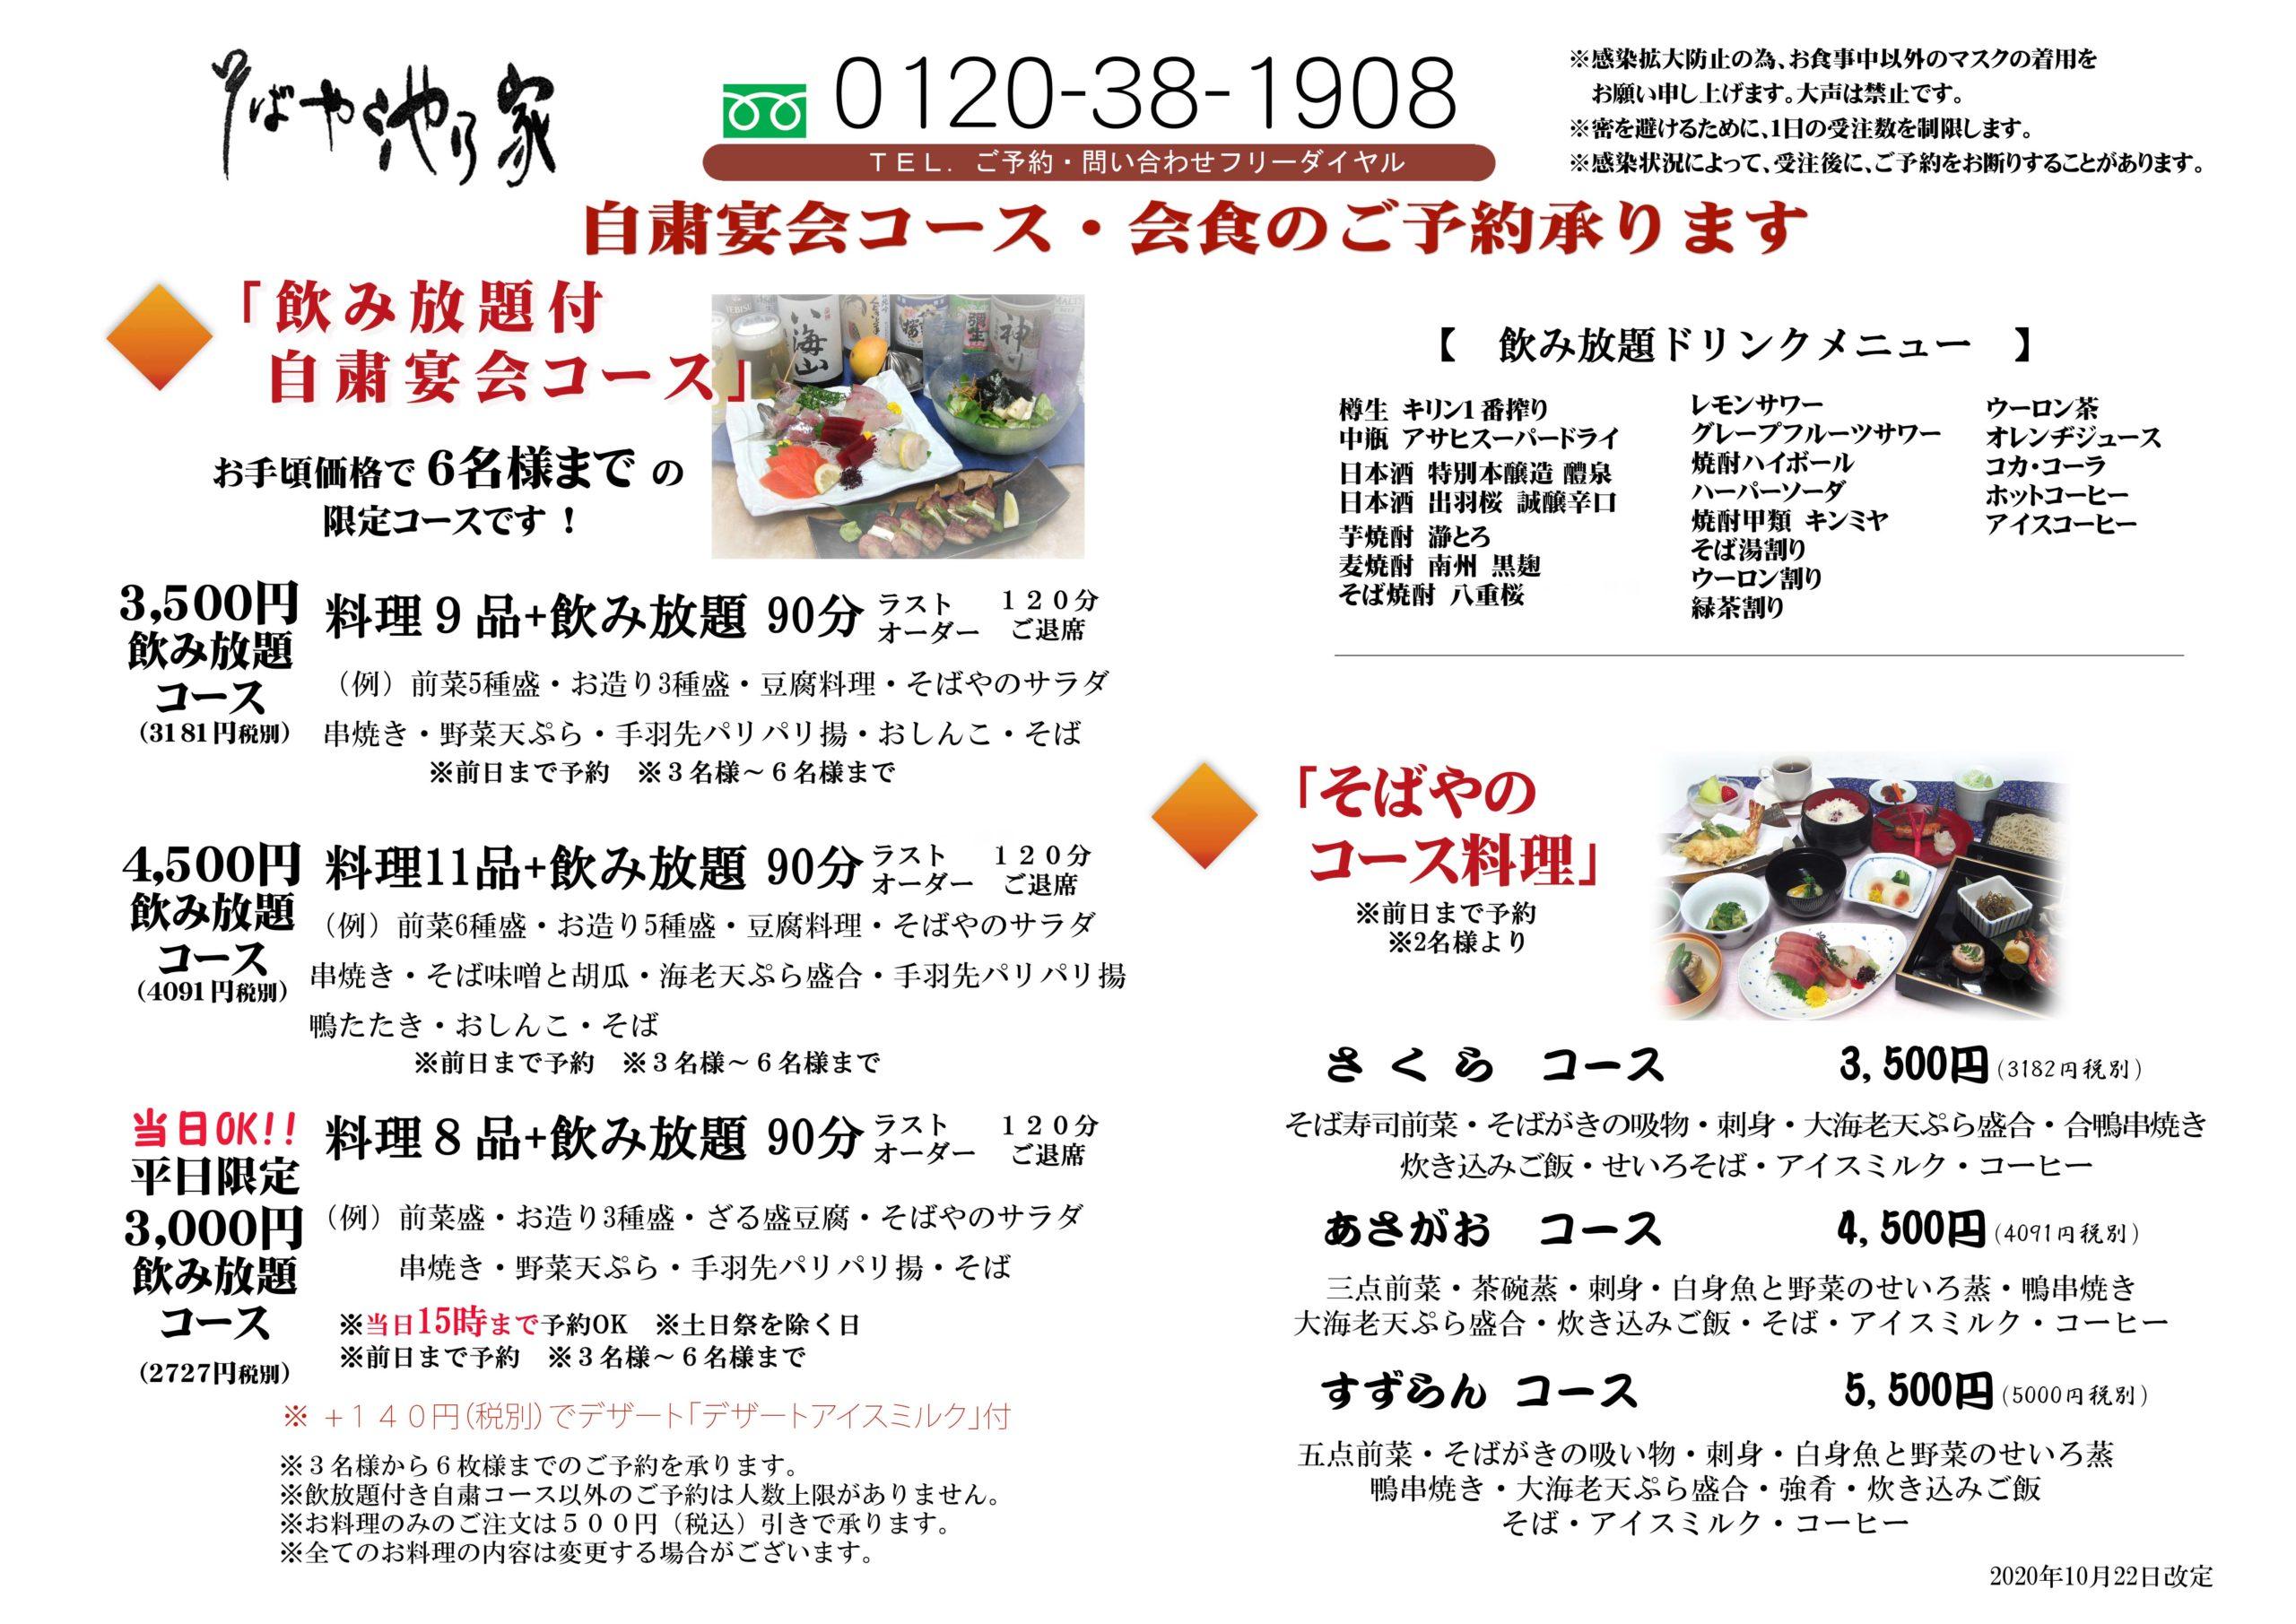 ご宴会・お食事会(感染予防のため、しばらくの間、飲み放題付き自粛宴会コースをお勧めします。 飲み放題自粛宴会コースは500円引きで、お料理のみのコースで承ります。)